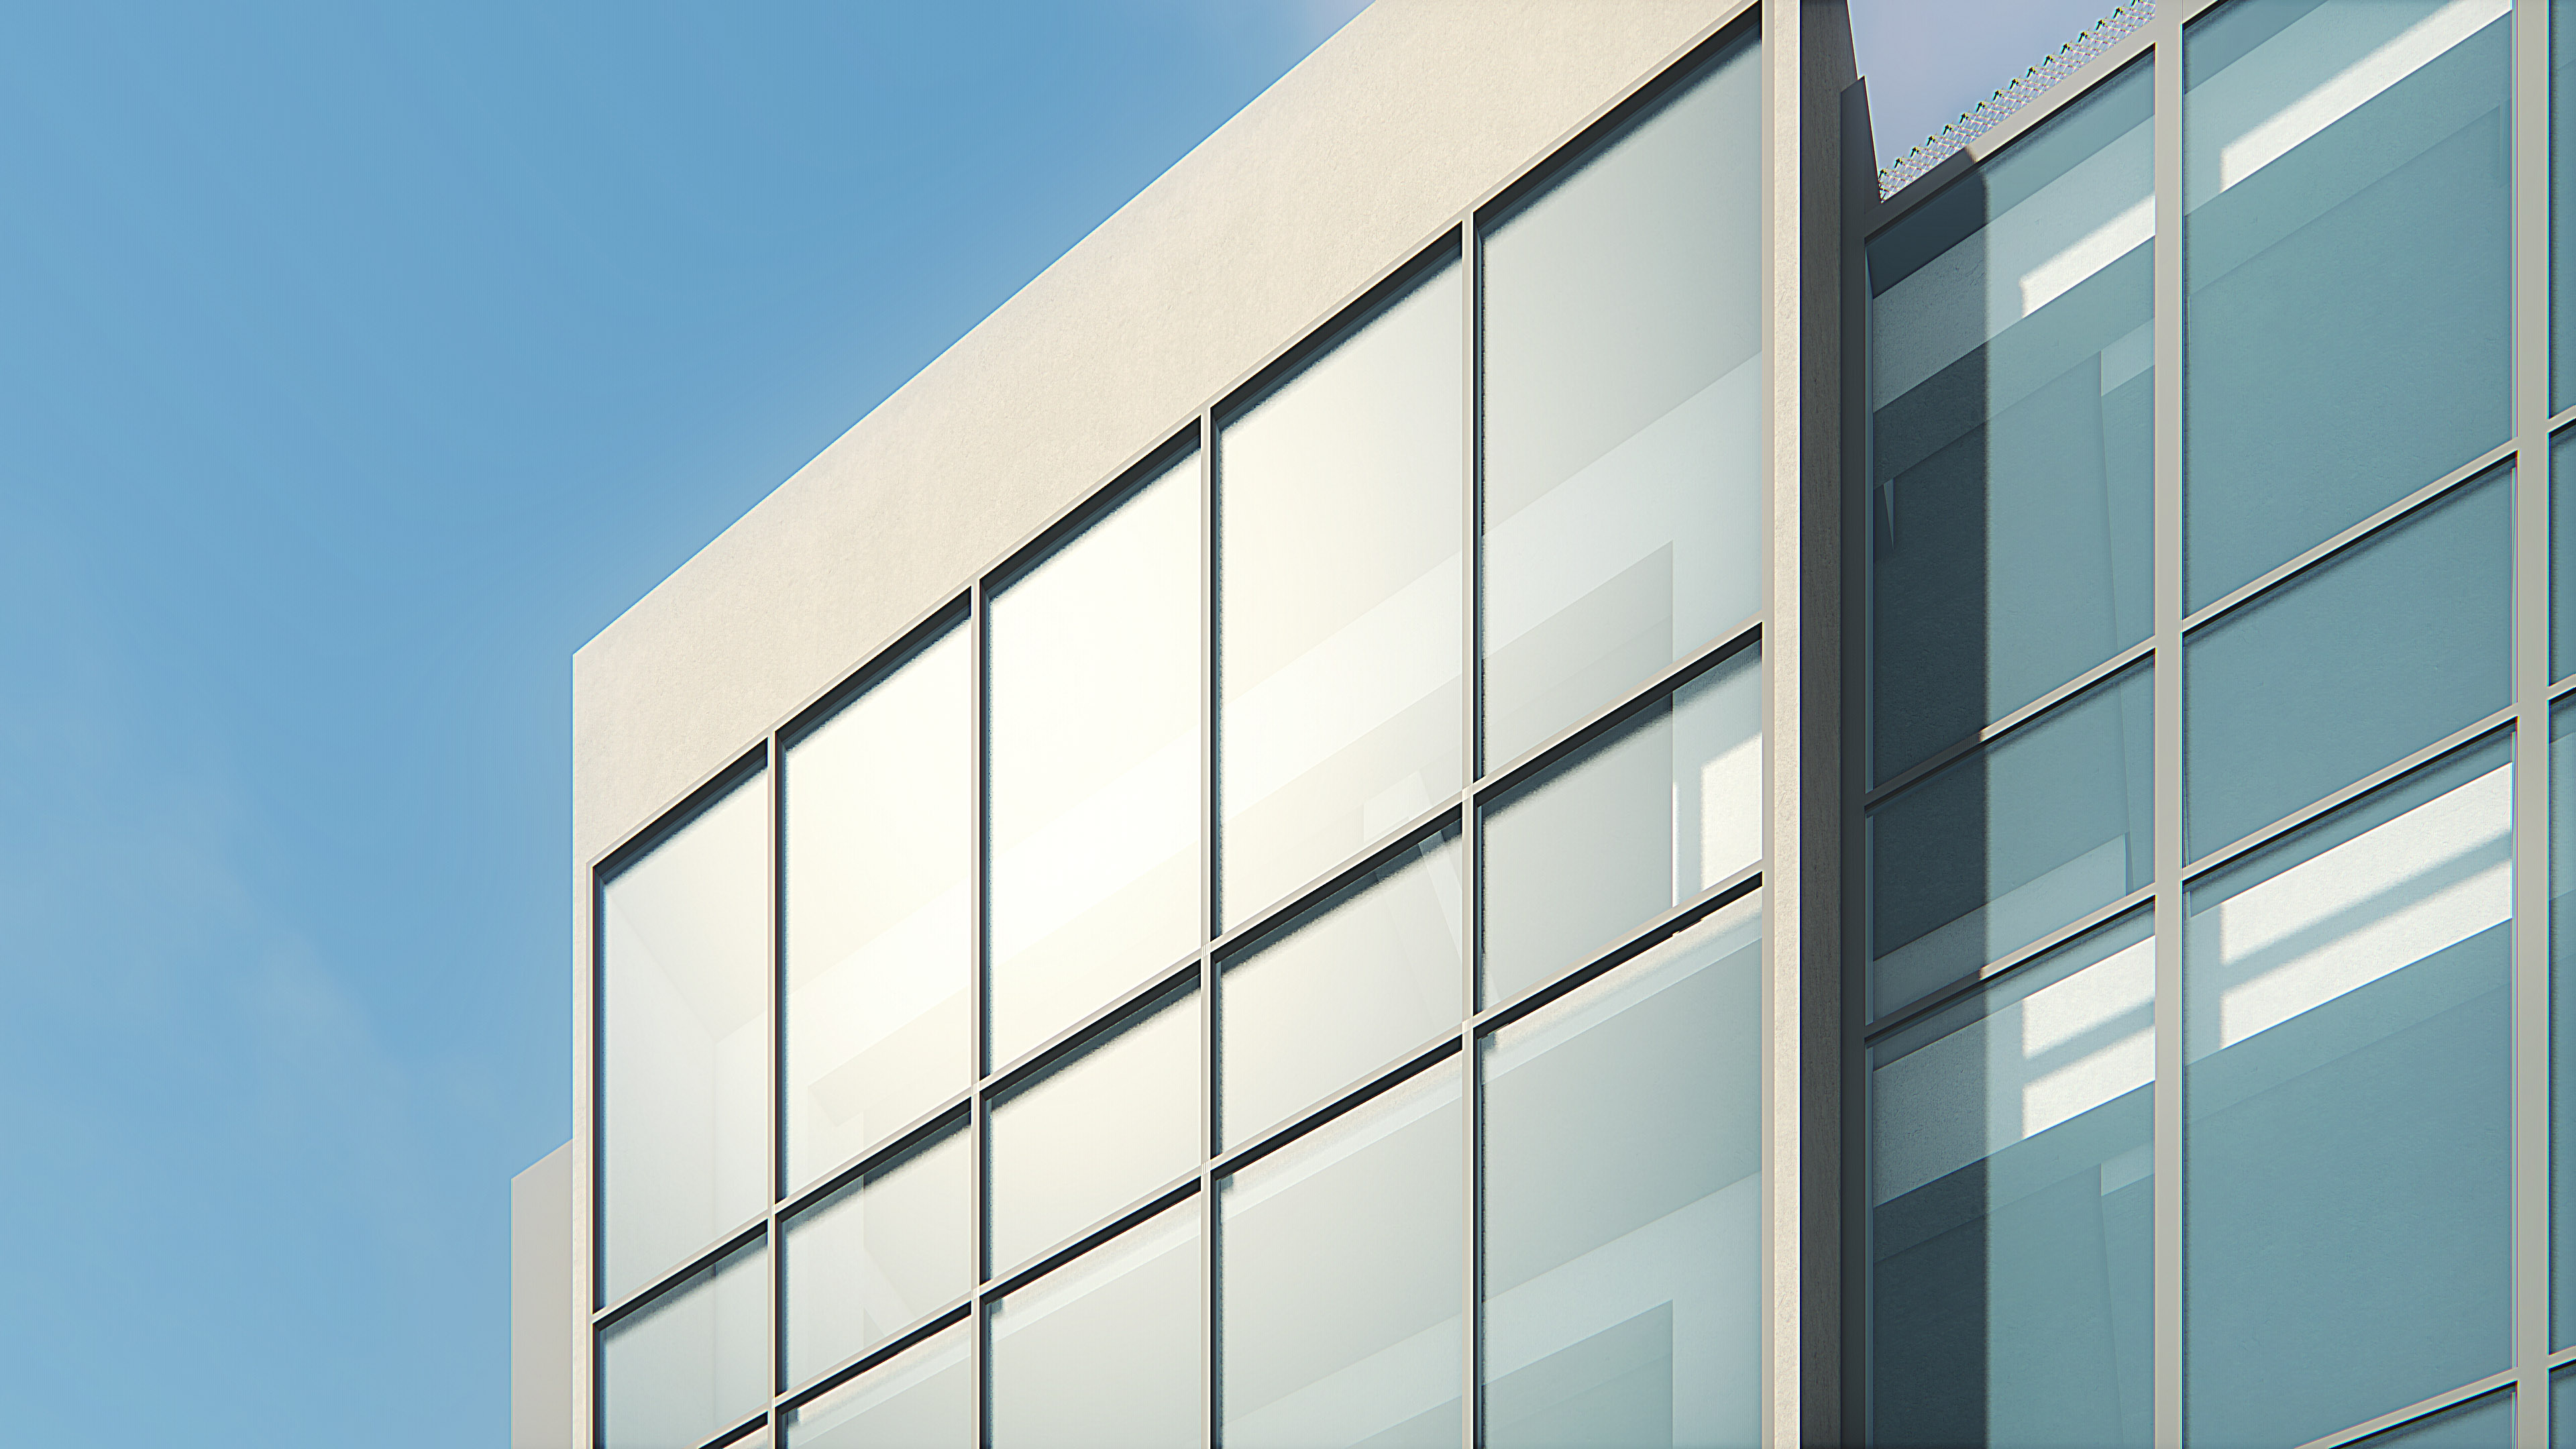 Office-almaarchitect-3